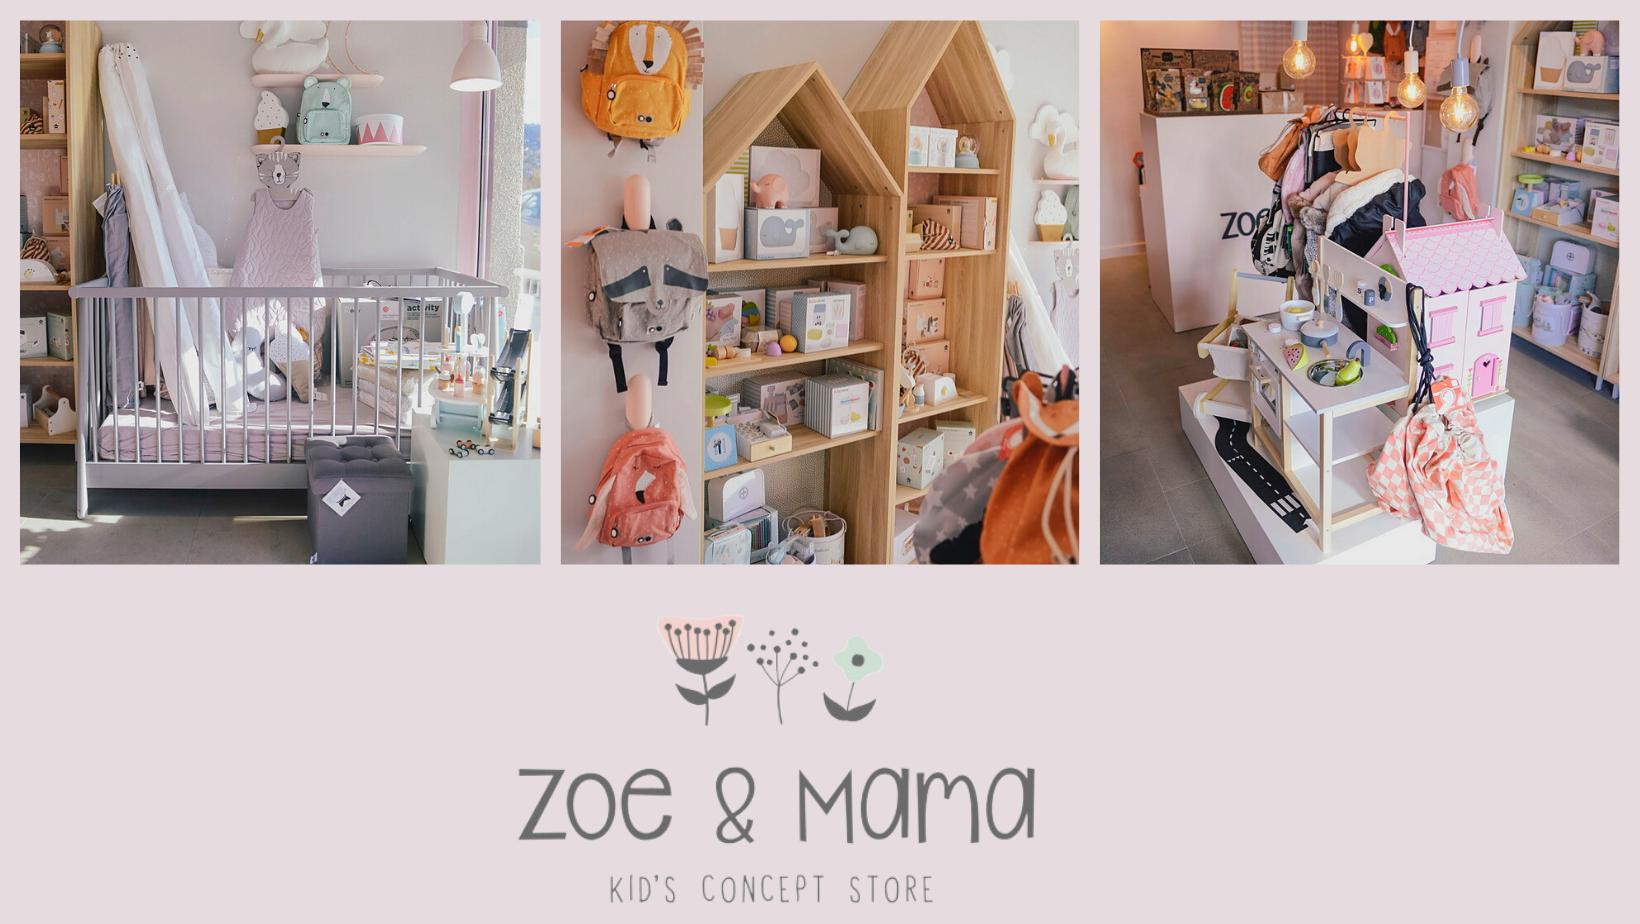 Zoe & mama dječji koncept store je mjesto gdje uživaju mališani i njihovi roditelji